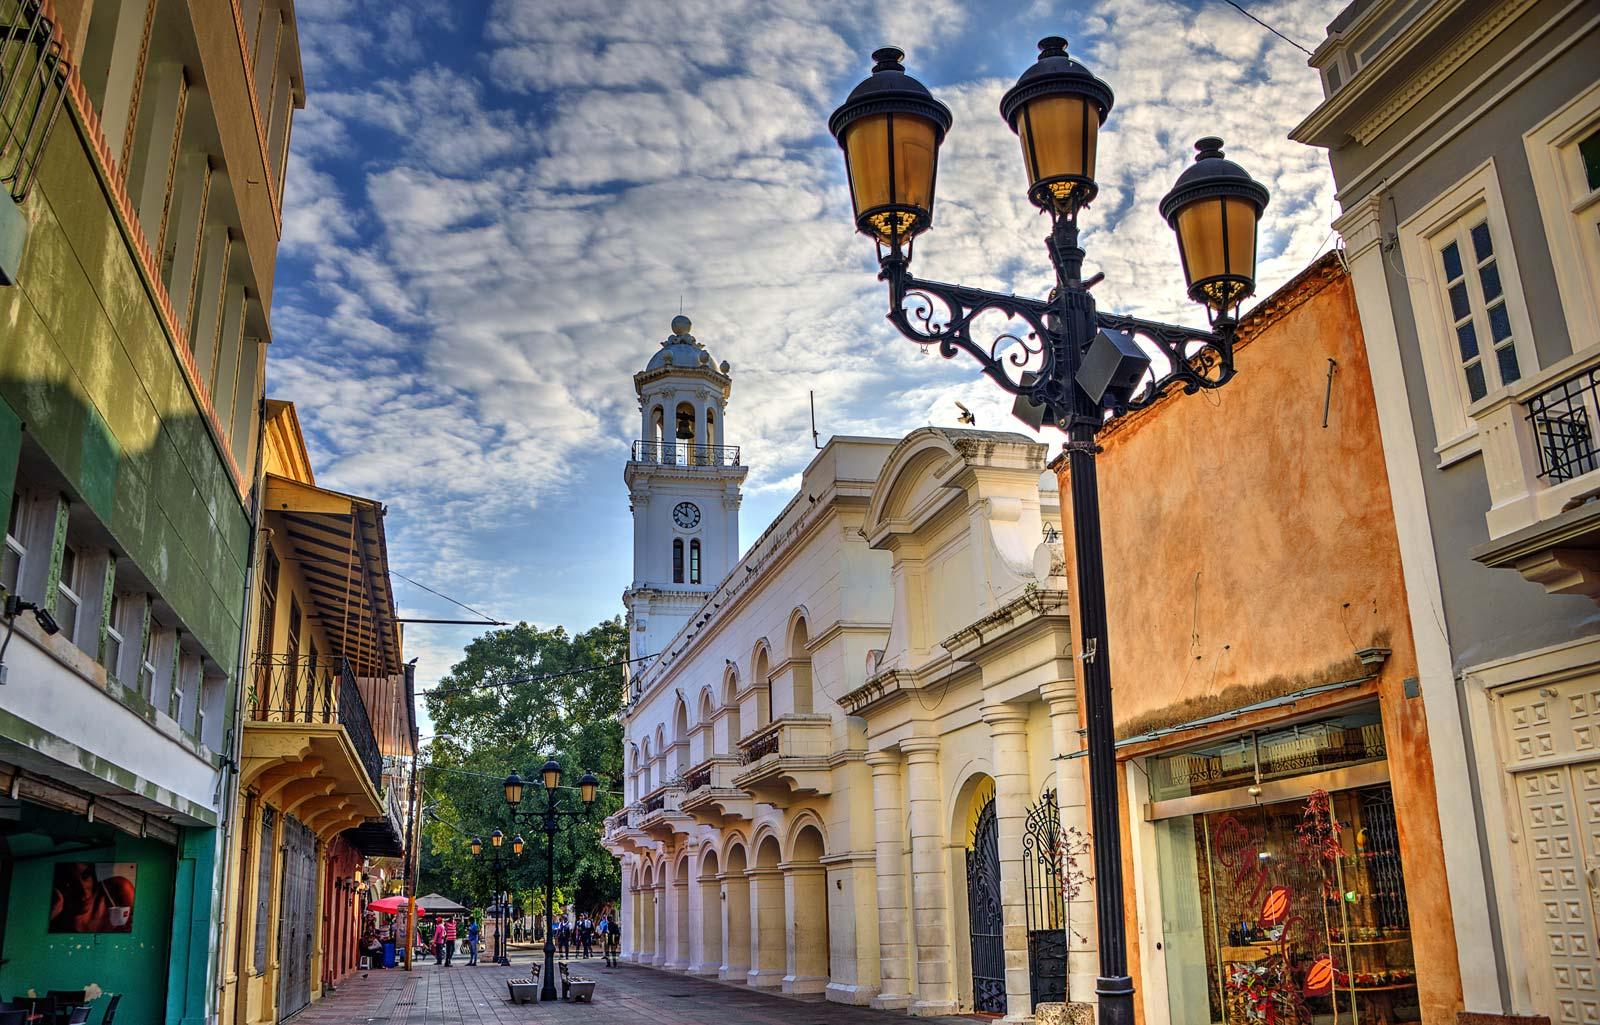 santo-domingo-dominican-republic